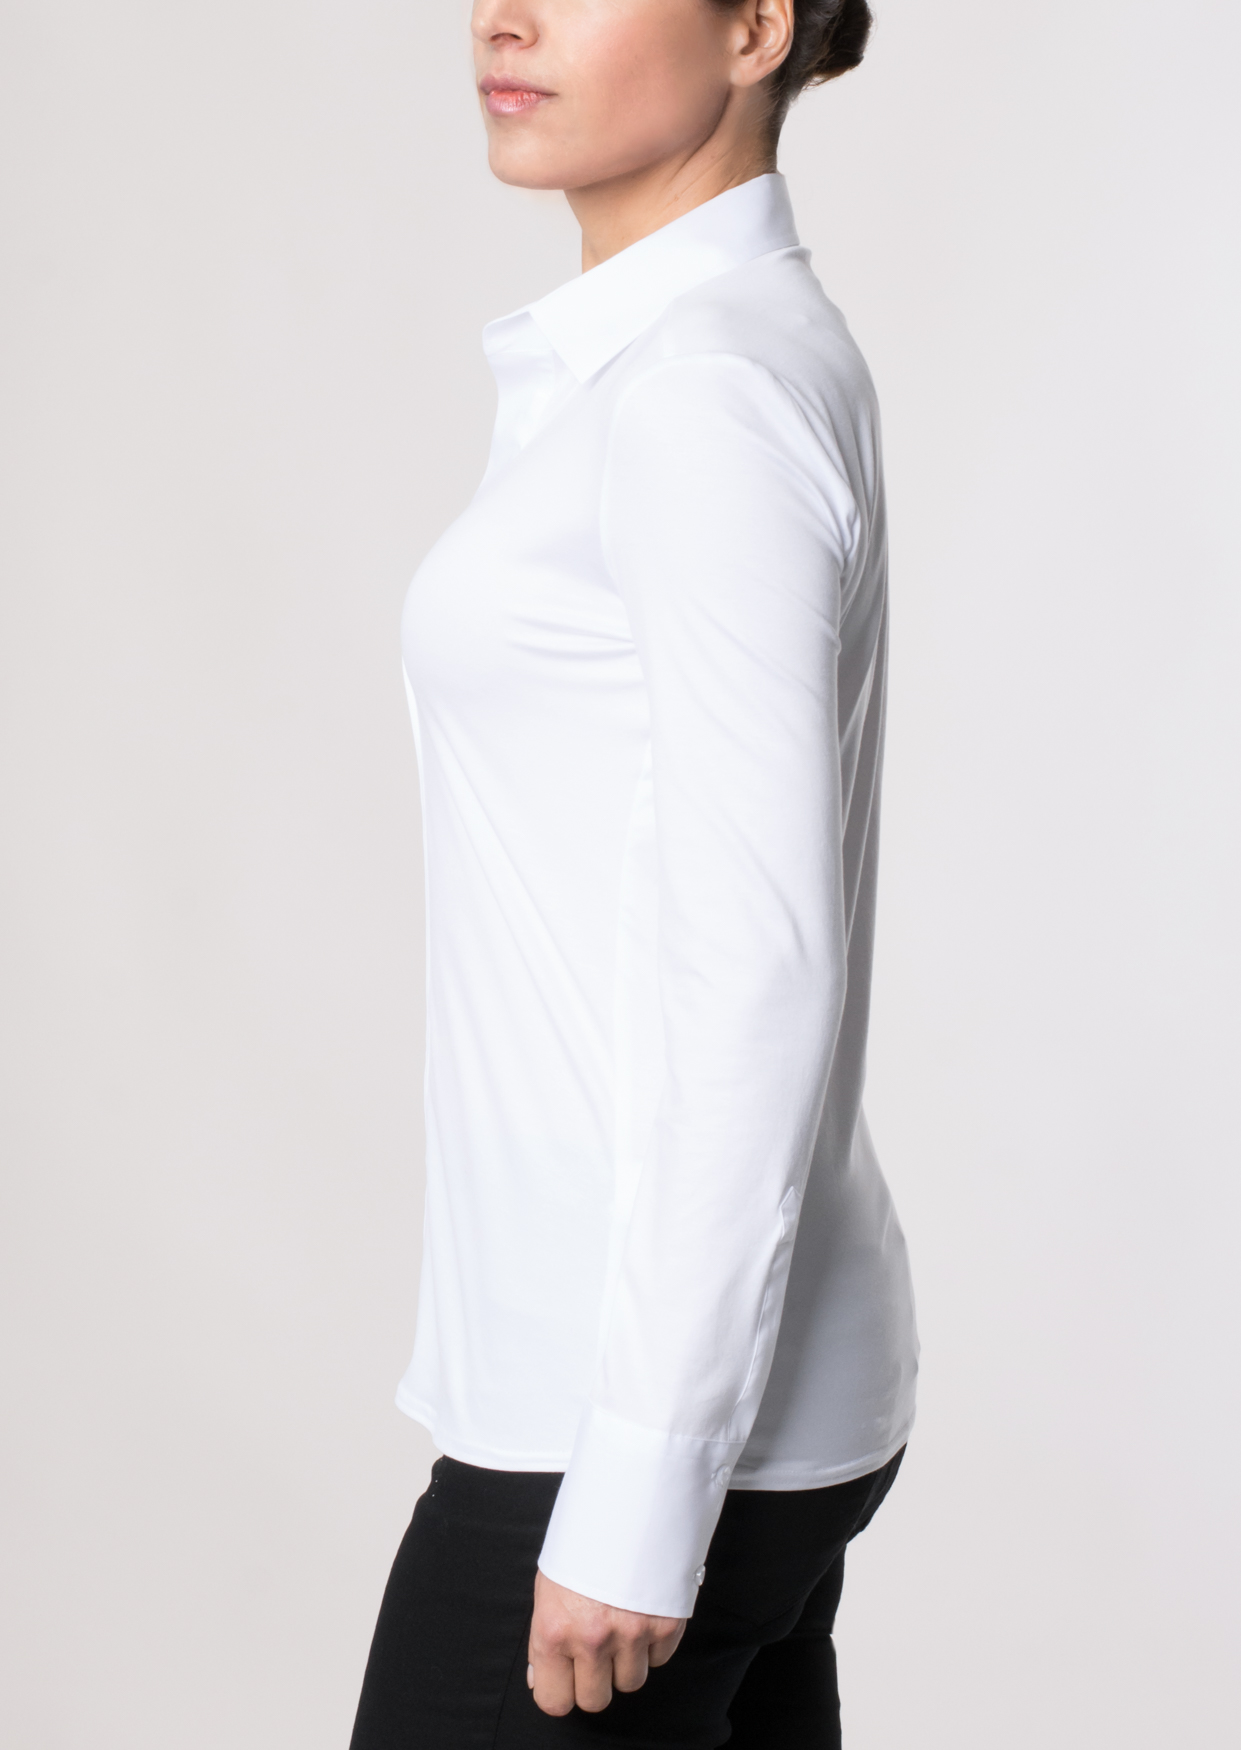 ETERNA 5213 Bluse Baumwolle, weiss